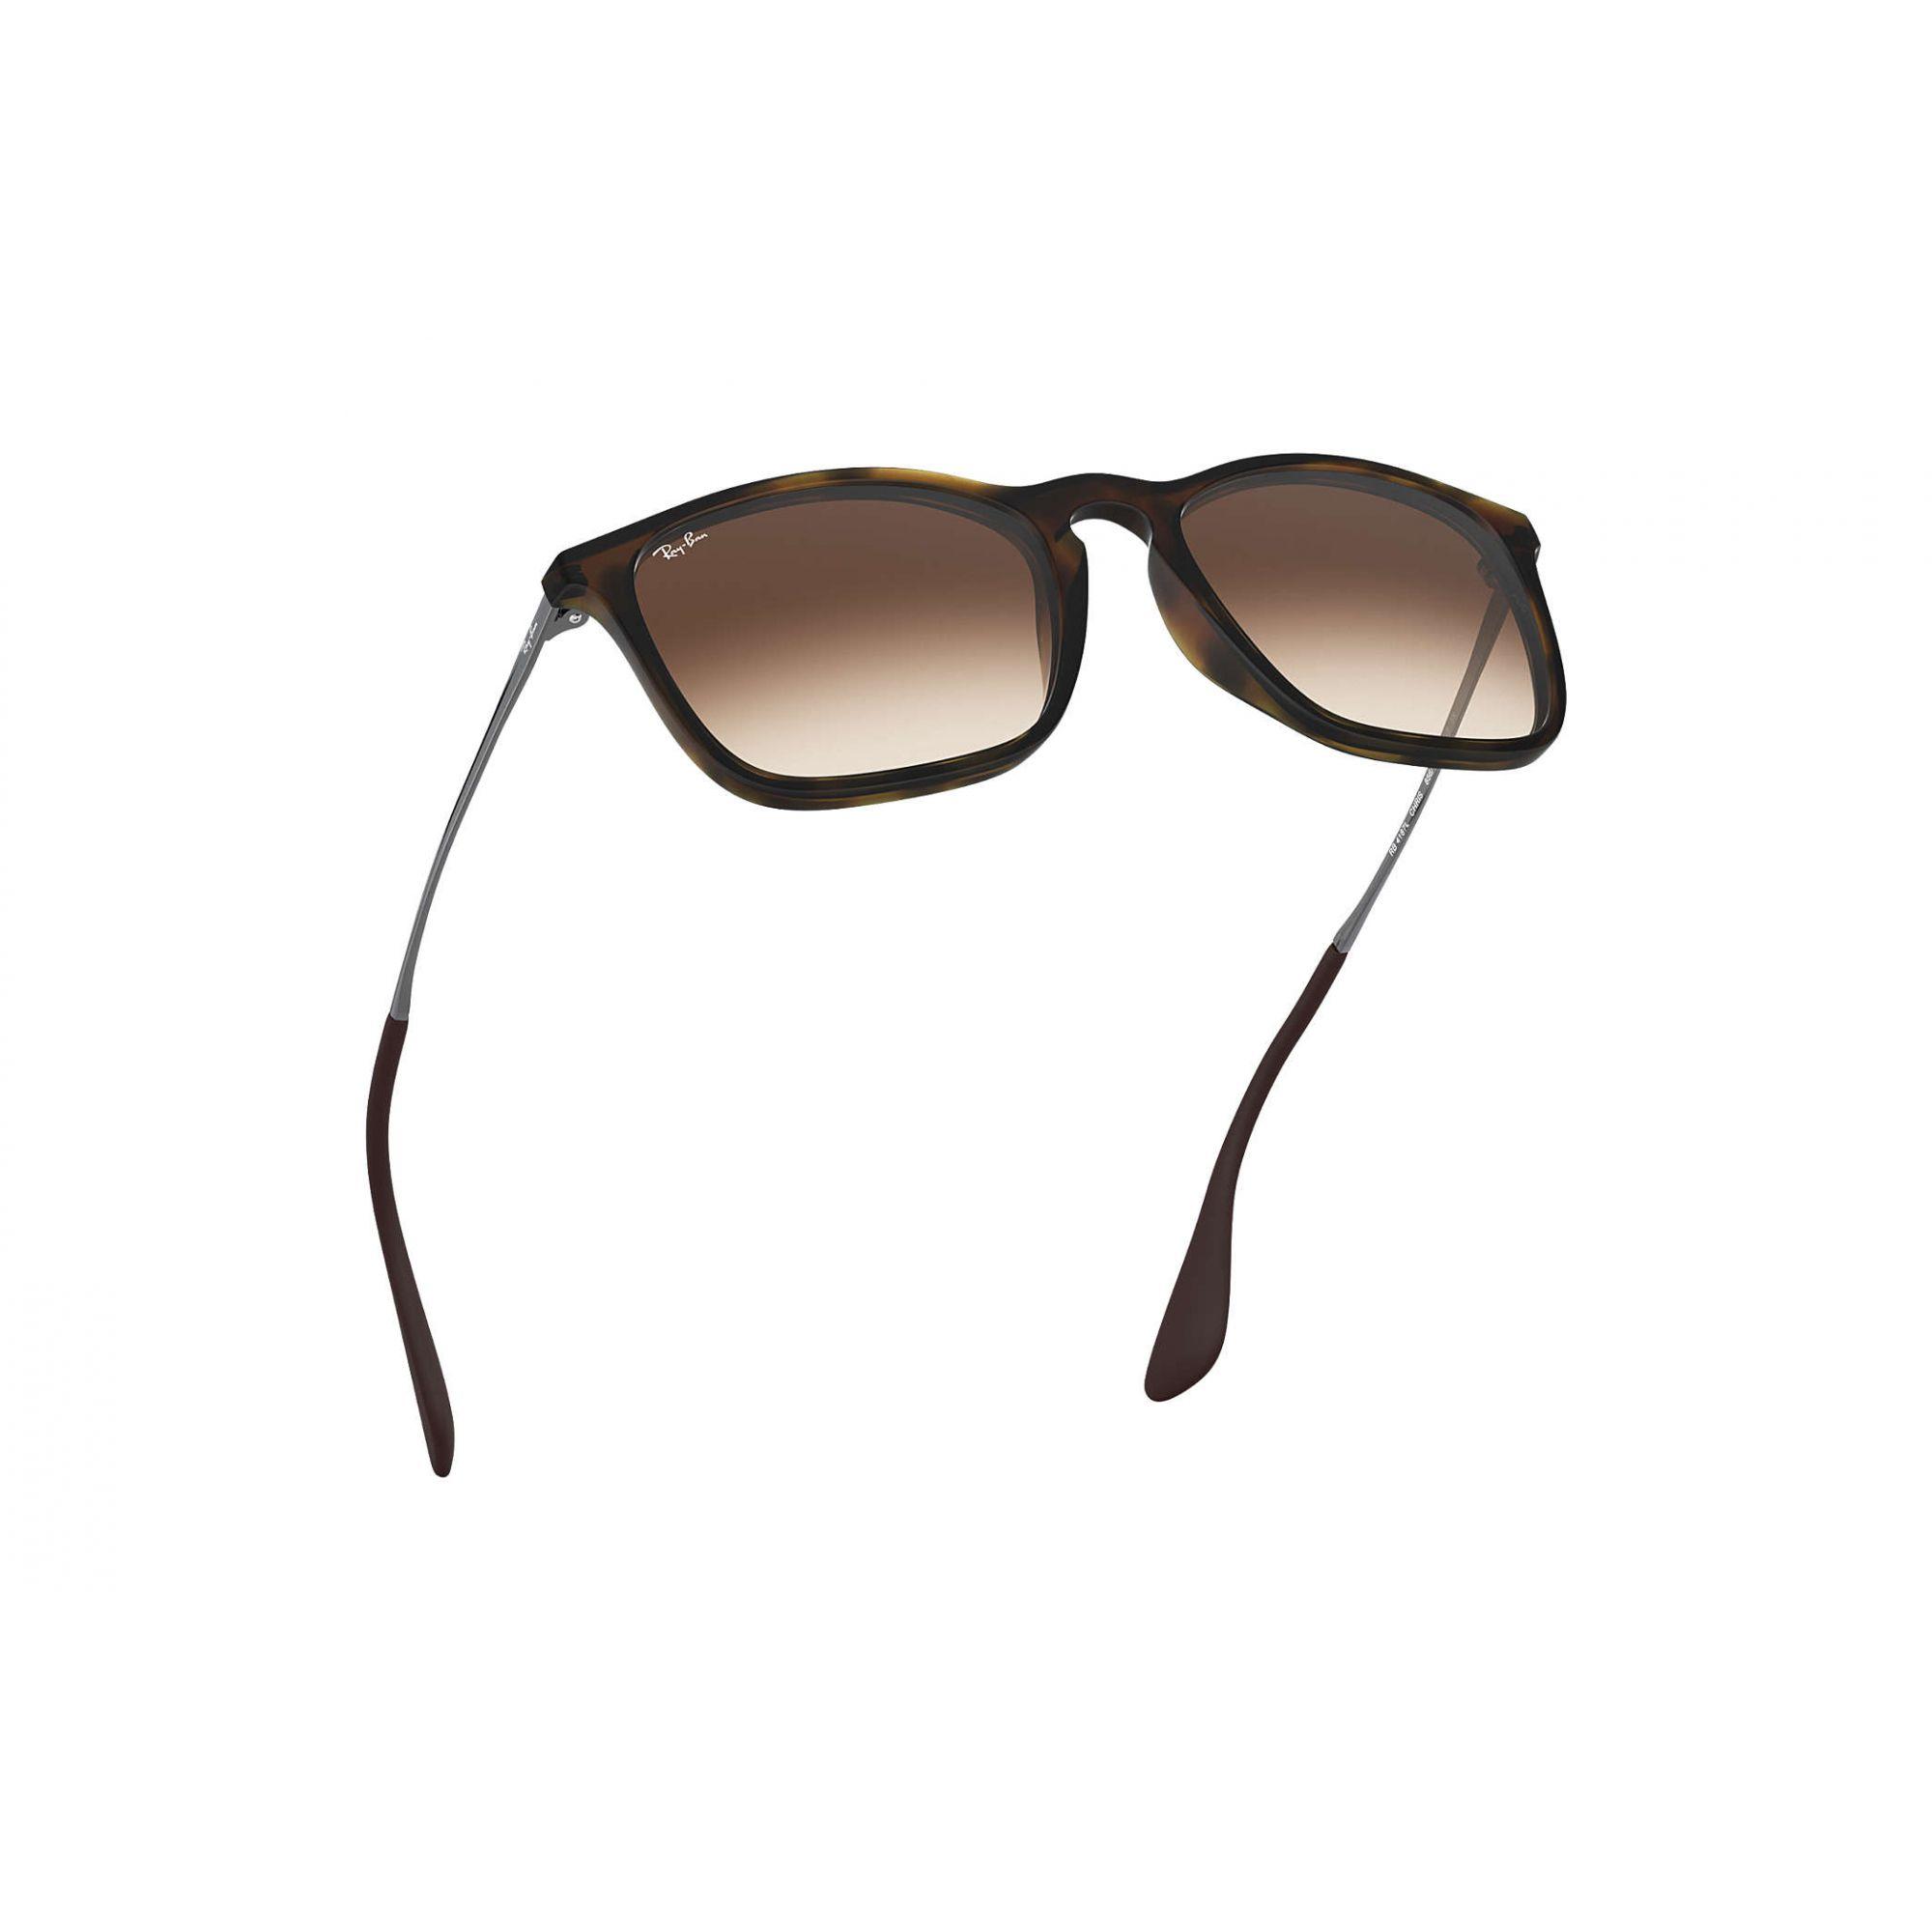 Ray Ban - RB4187L 8561354 - Óculos de sol